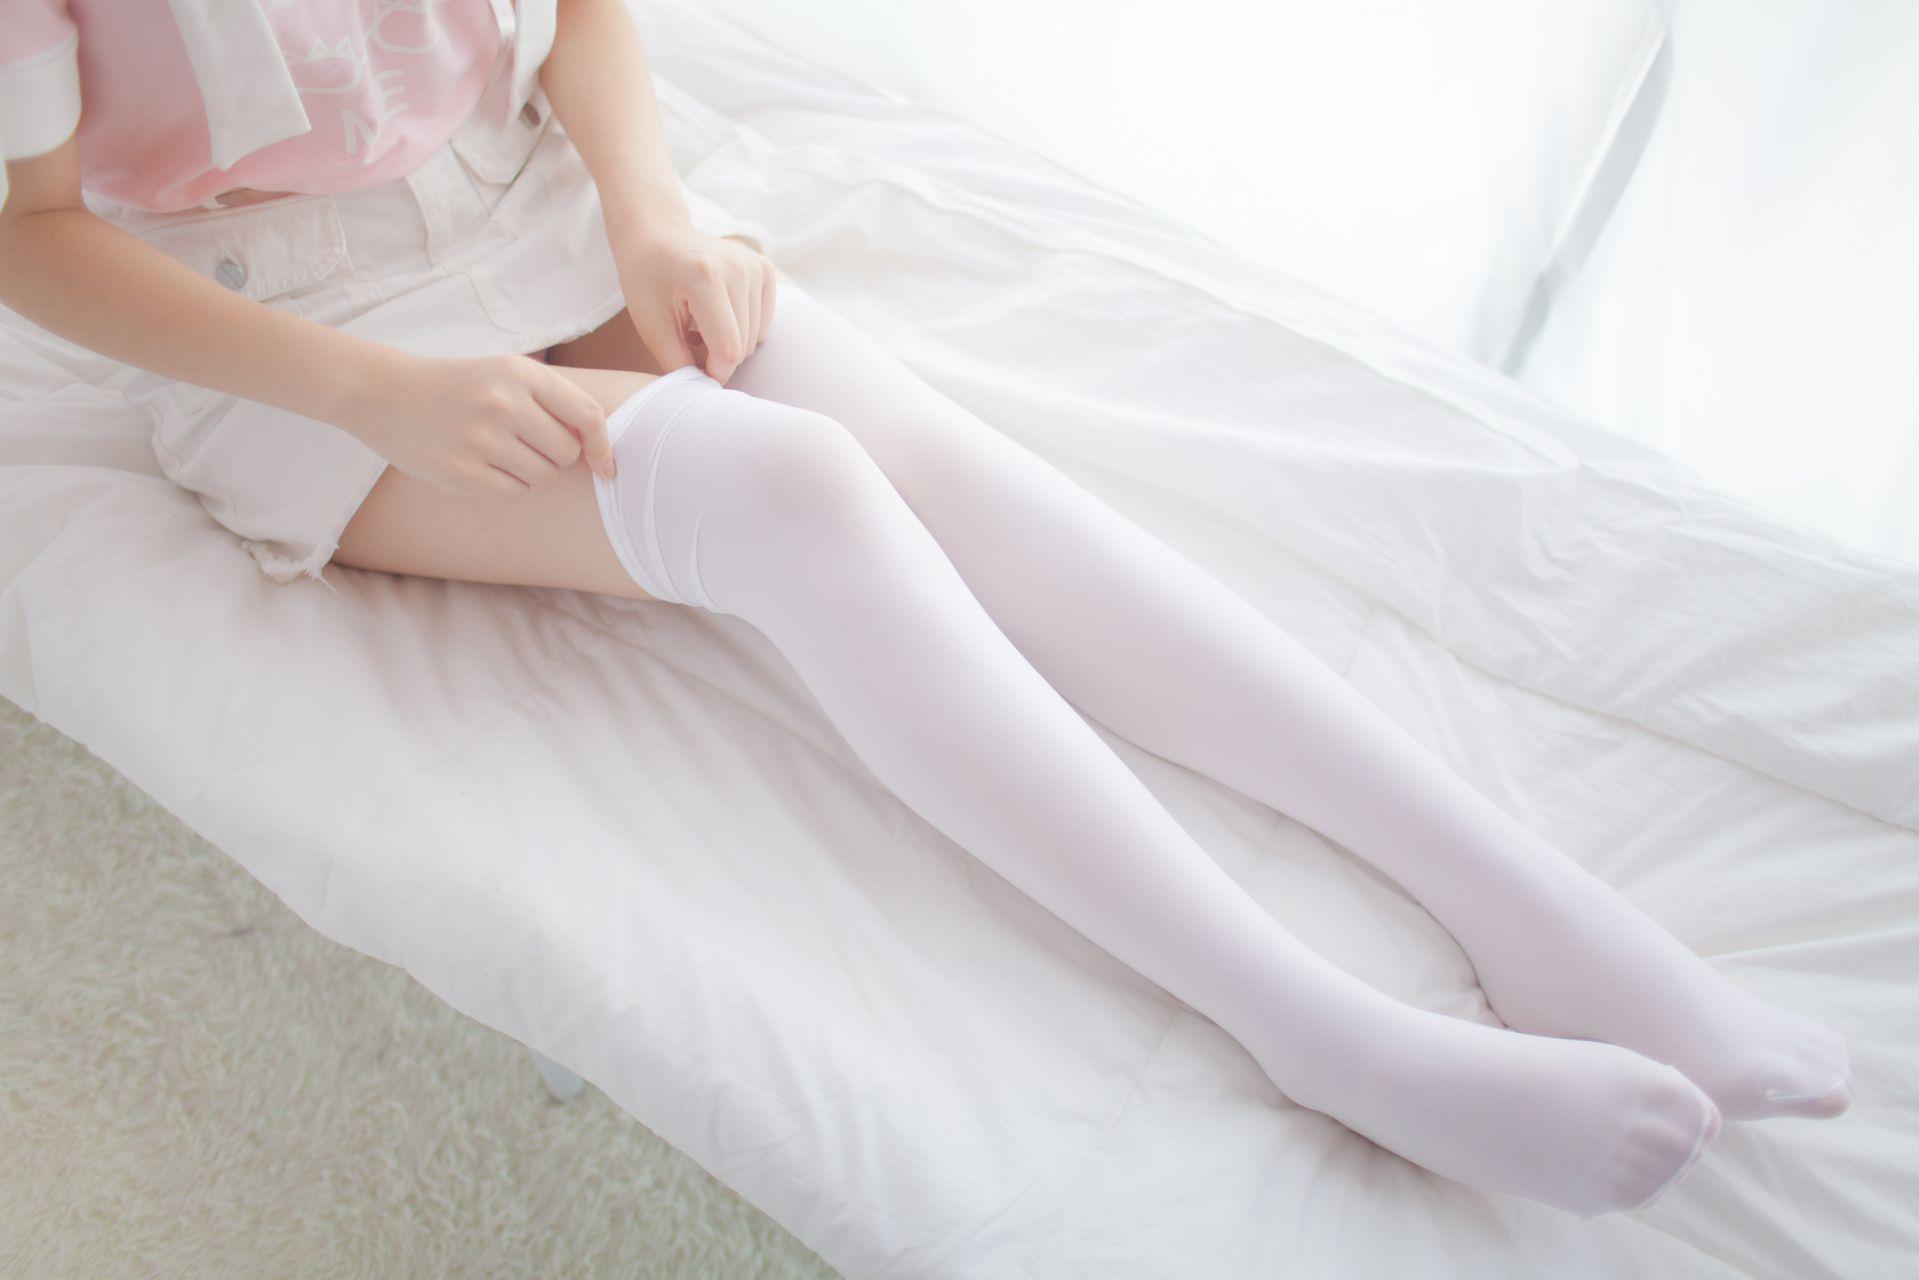 少女秩序 VOL.011 恋上你的床 兔玩映画 第8张